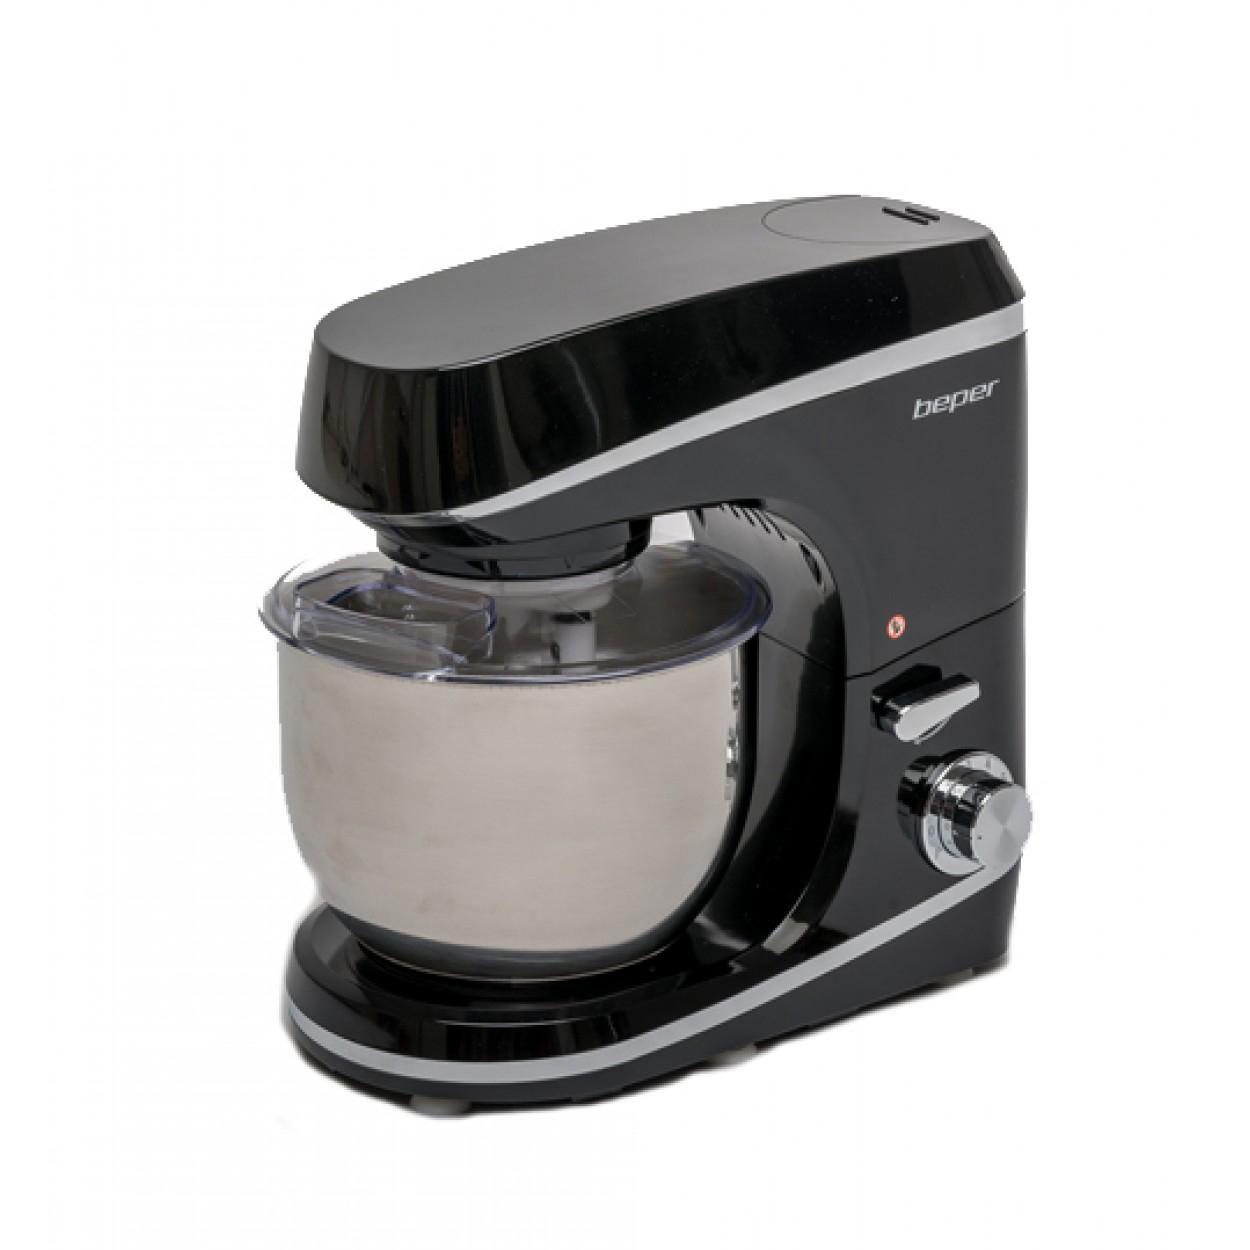 Επιτραπέζιο μίξερ 1000W/5L Μαύρο, BEPER 90.700 (Κουζινομηχανή)